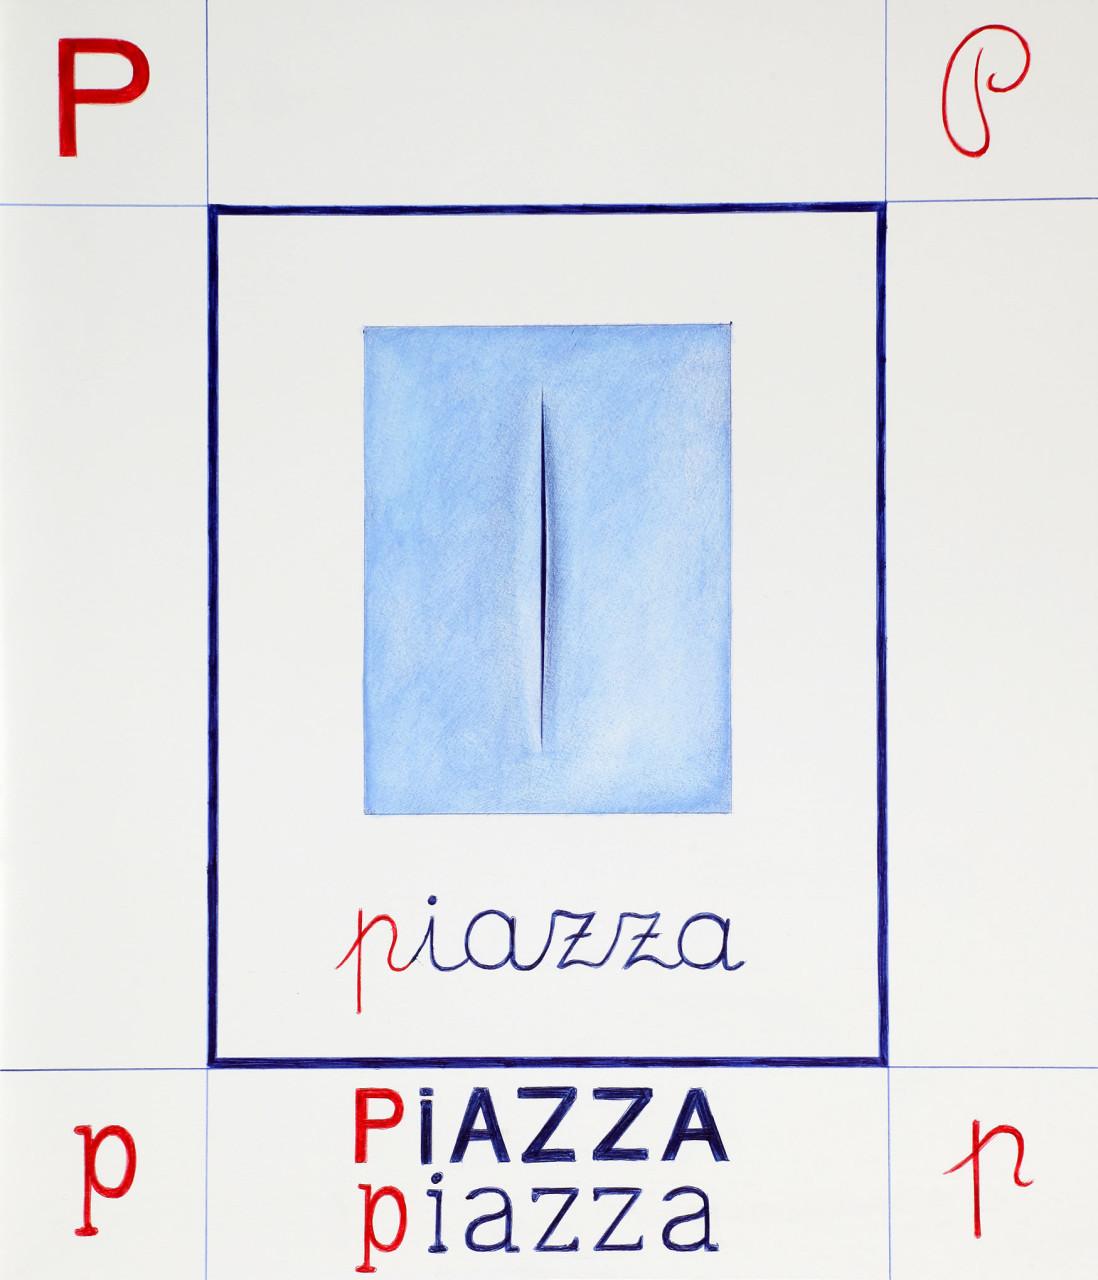 14P-piazza_bassa